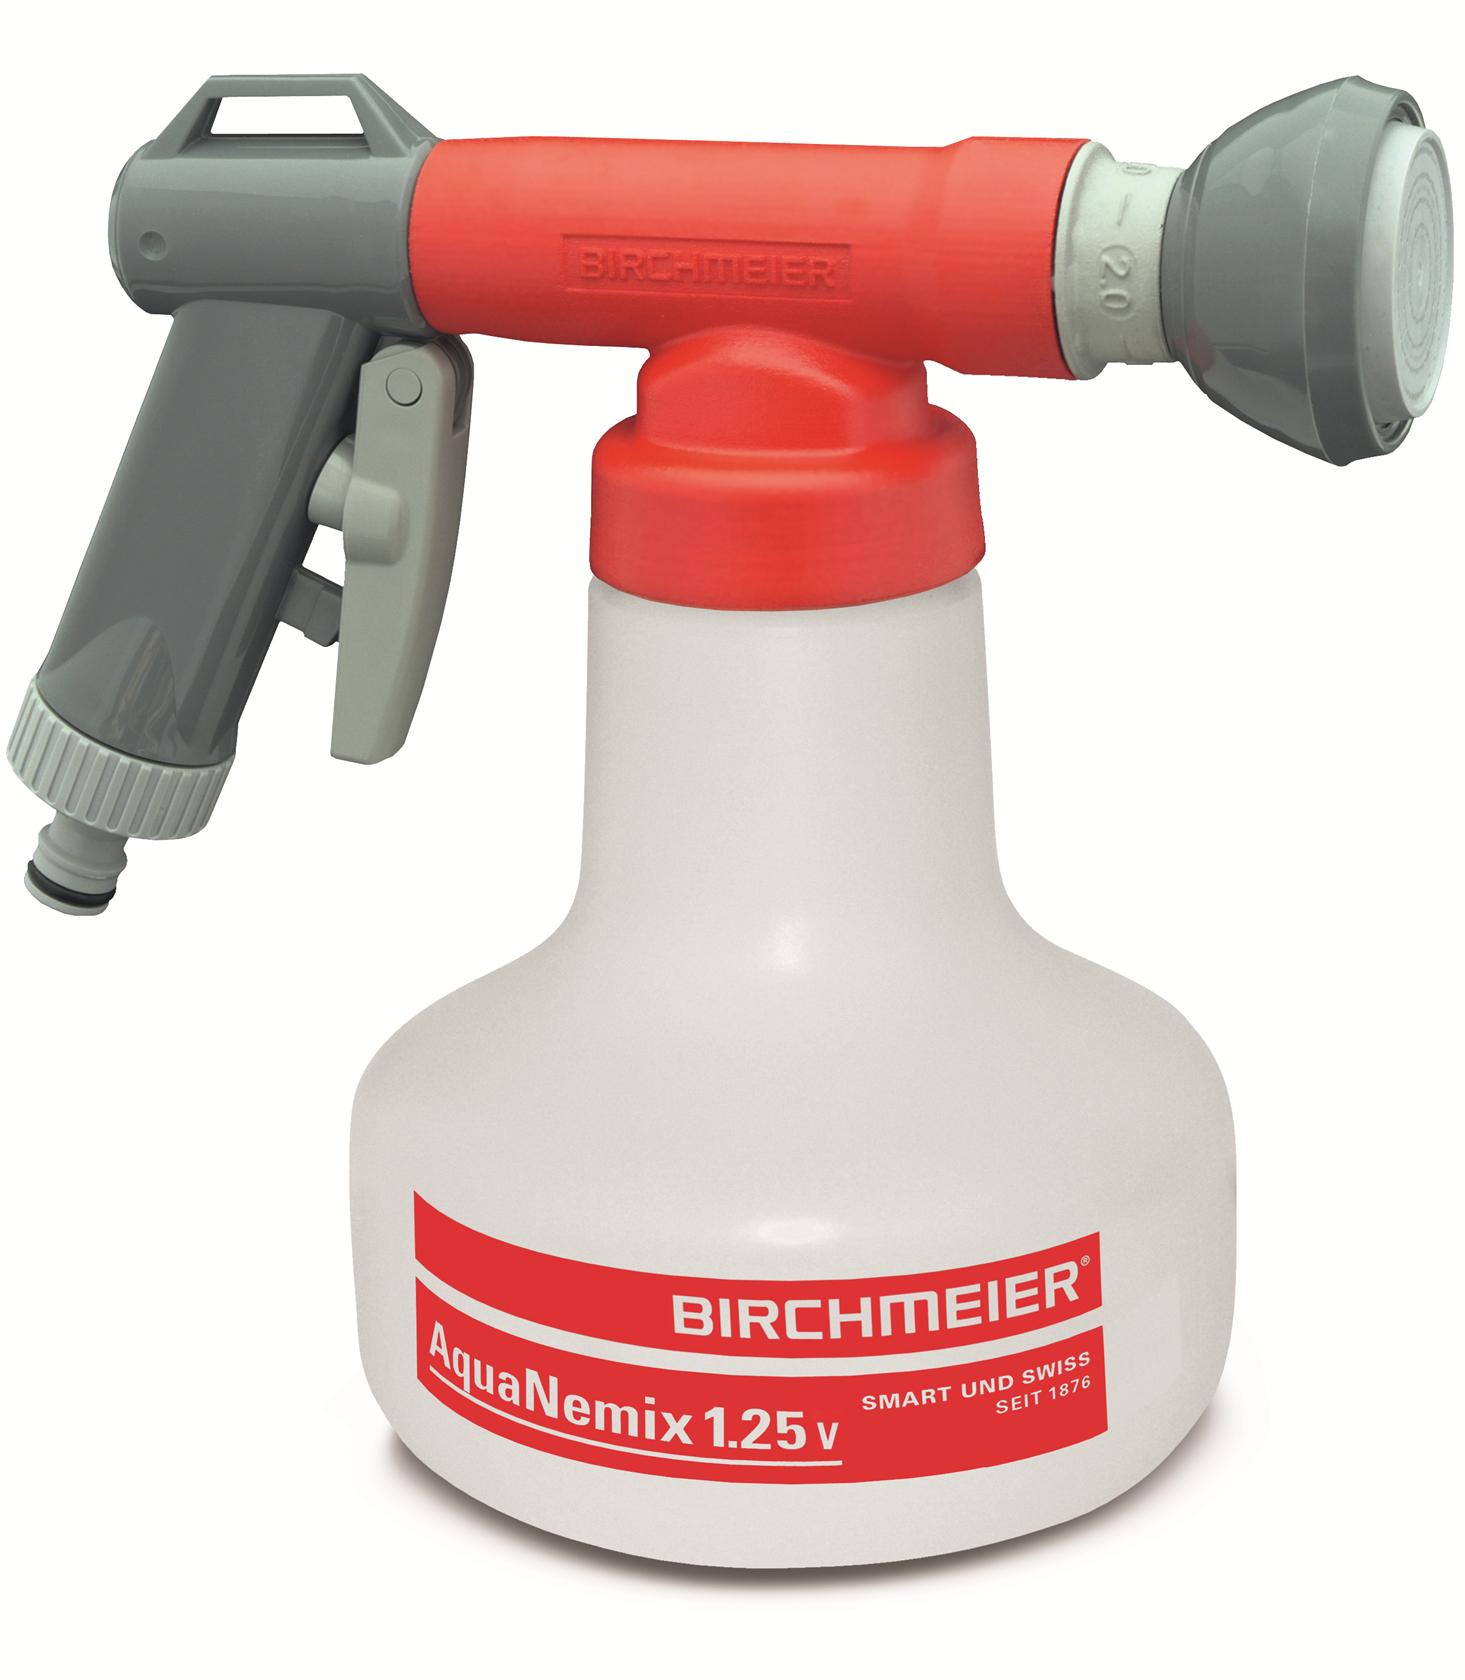 Birchmeier Aquanemix 1.25V : Mengtoestel voor nematoden (Aaltjes)